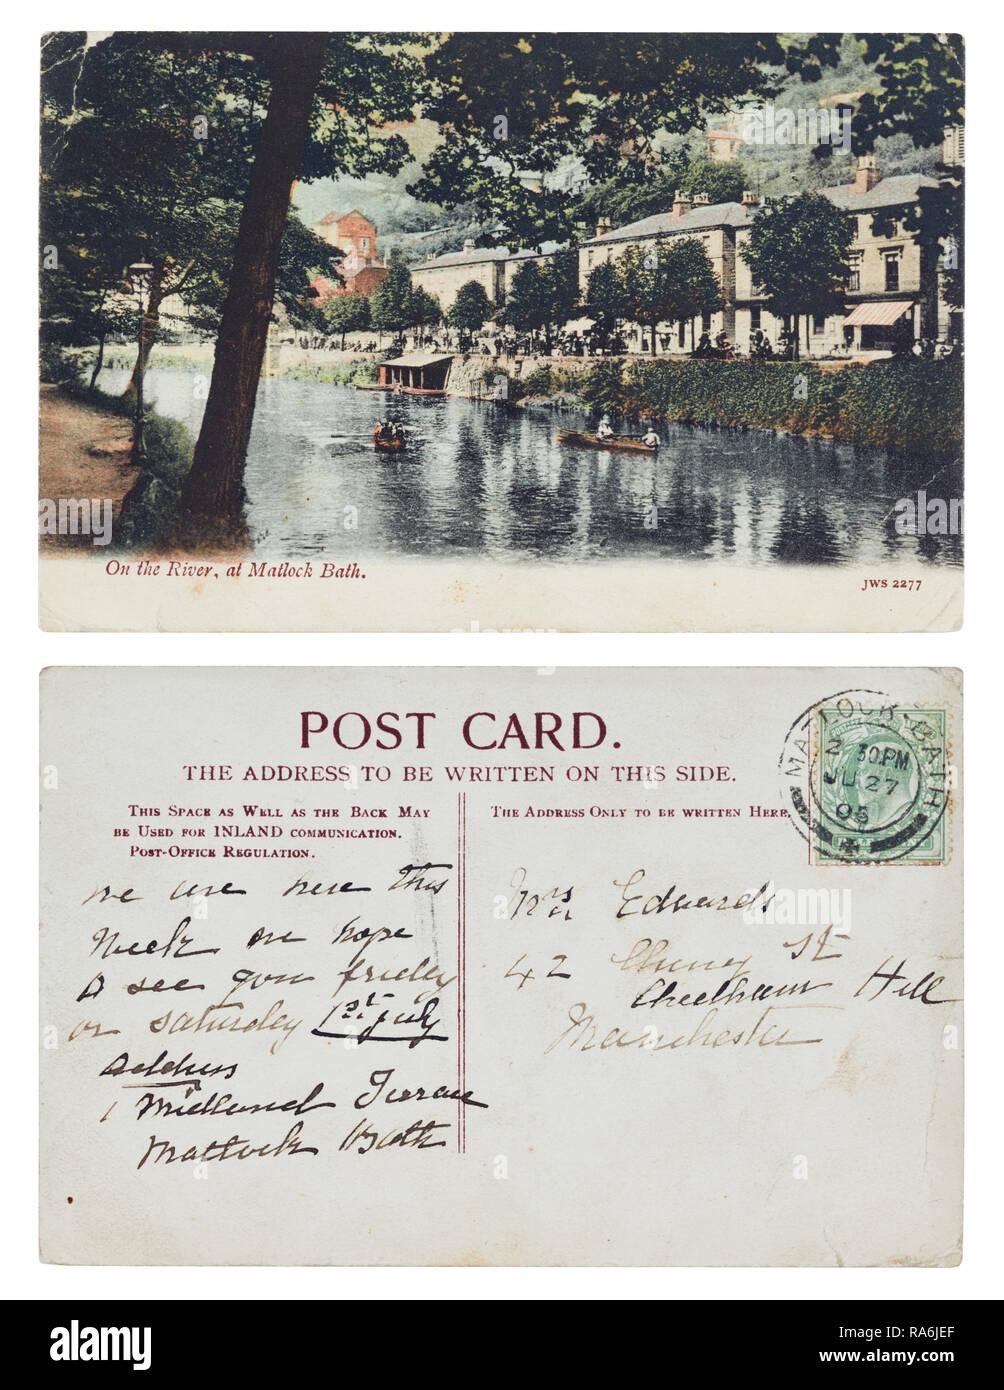 Postkarte gesendet von 1 Midland Terrasse, Matlock Bath zu Frau Edwards, 42 Cherry Street, Cheetham Hill, Manchester im Juli 1905 Stockbild